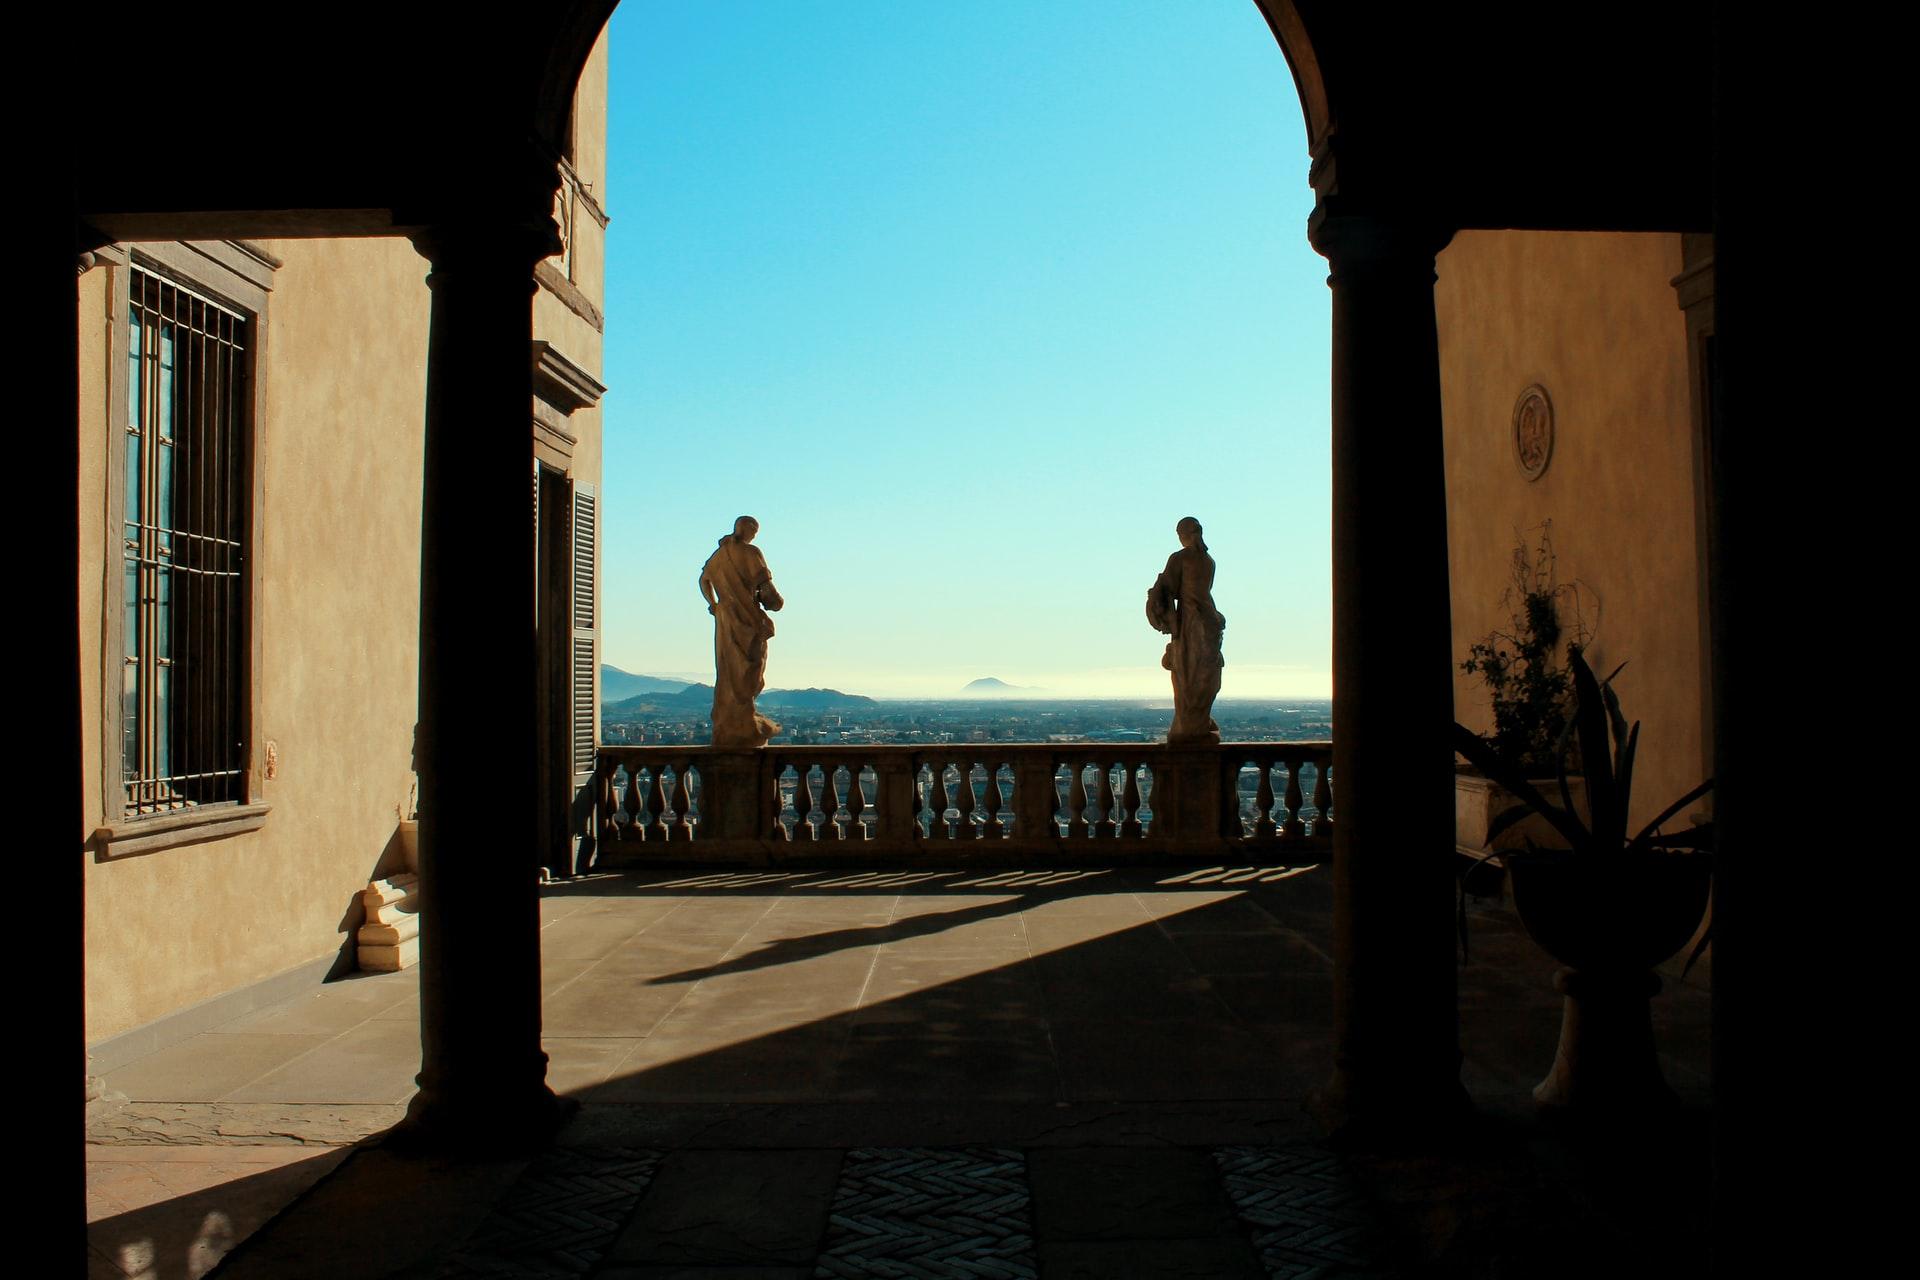 Der Real Alcázar in Sevilla